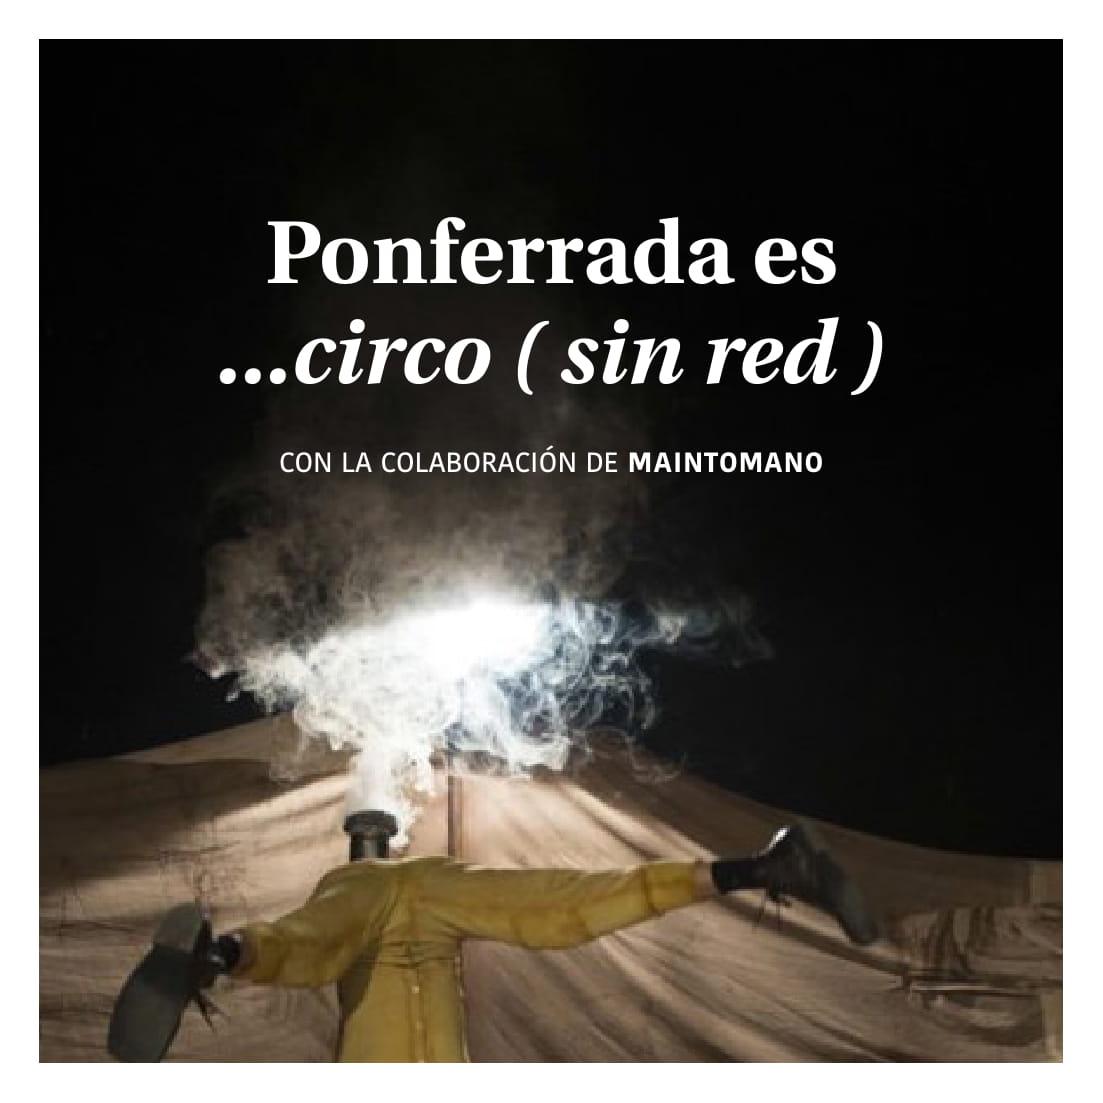 Ponferrada será... música, cultura, monumentos, turismo y más durante el verano de 2021 8